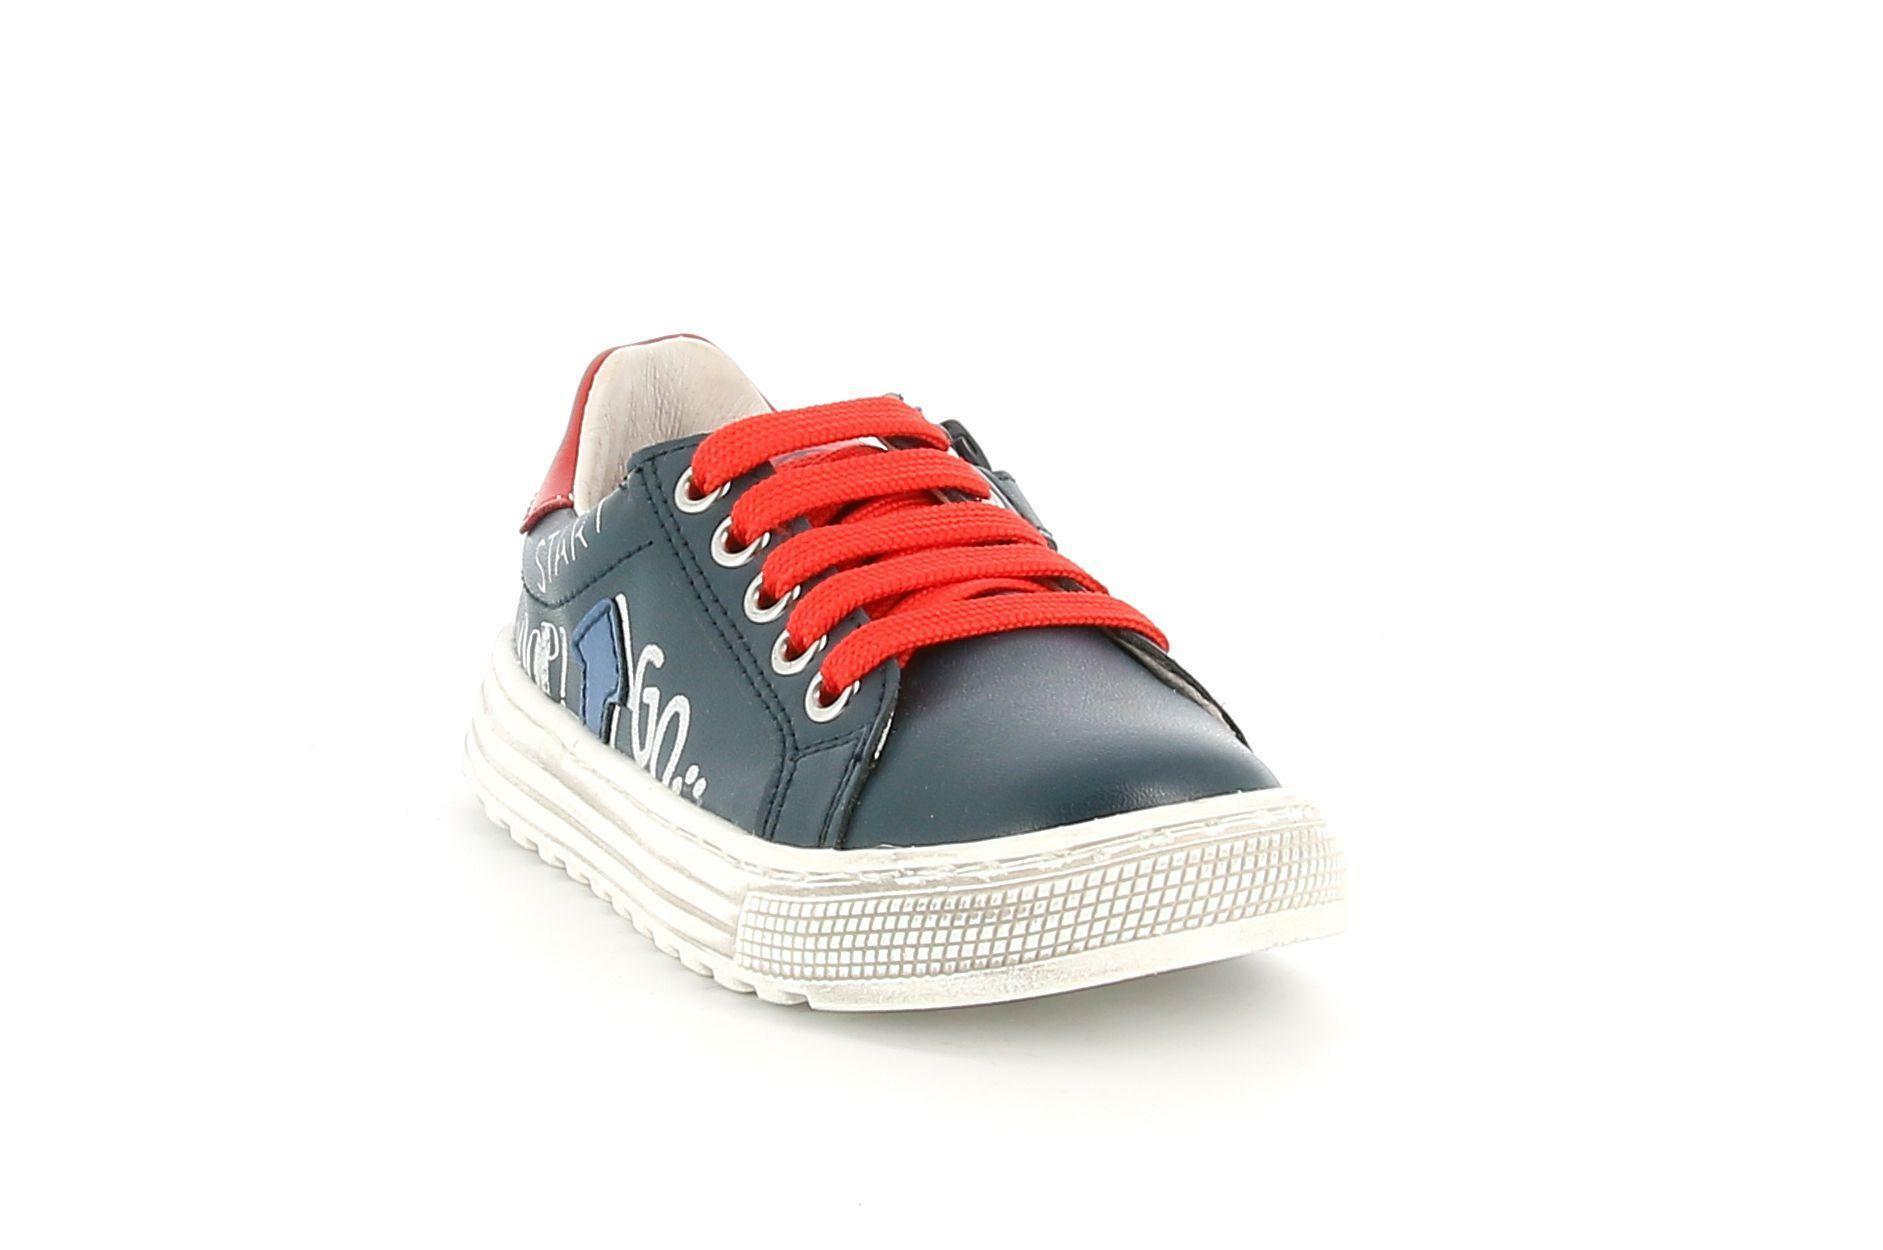 naturino naturino  2015475 01 1c23 blu rosso sneakers bassa bambino